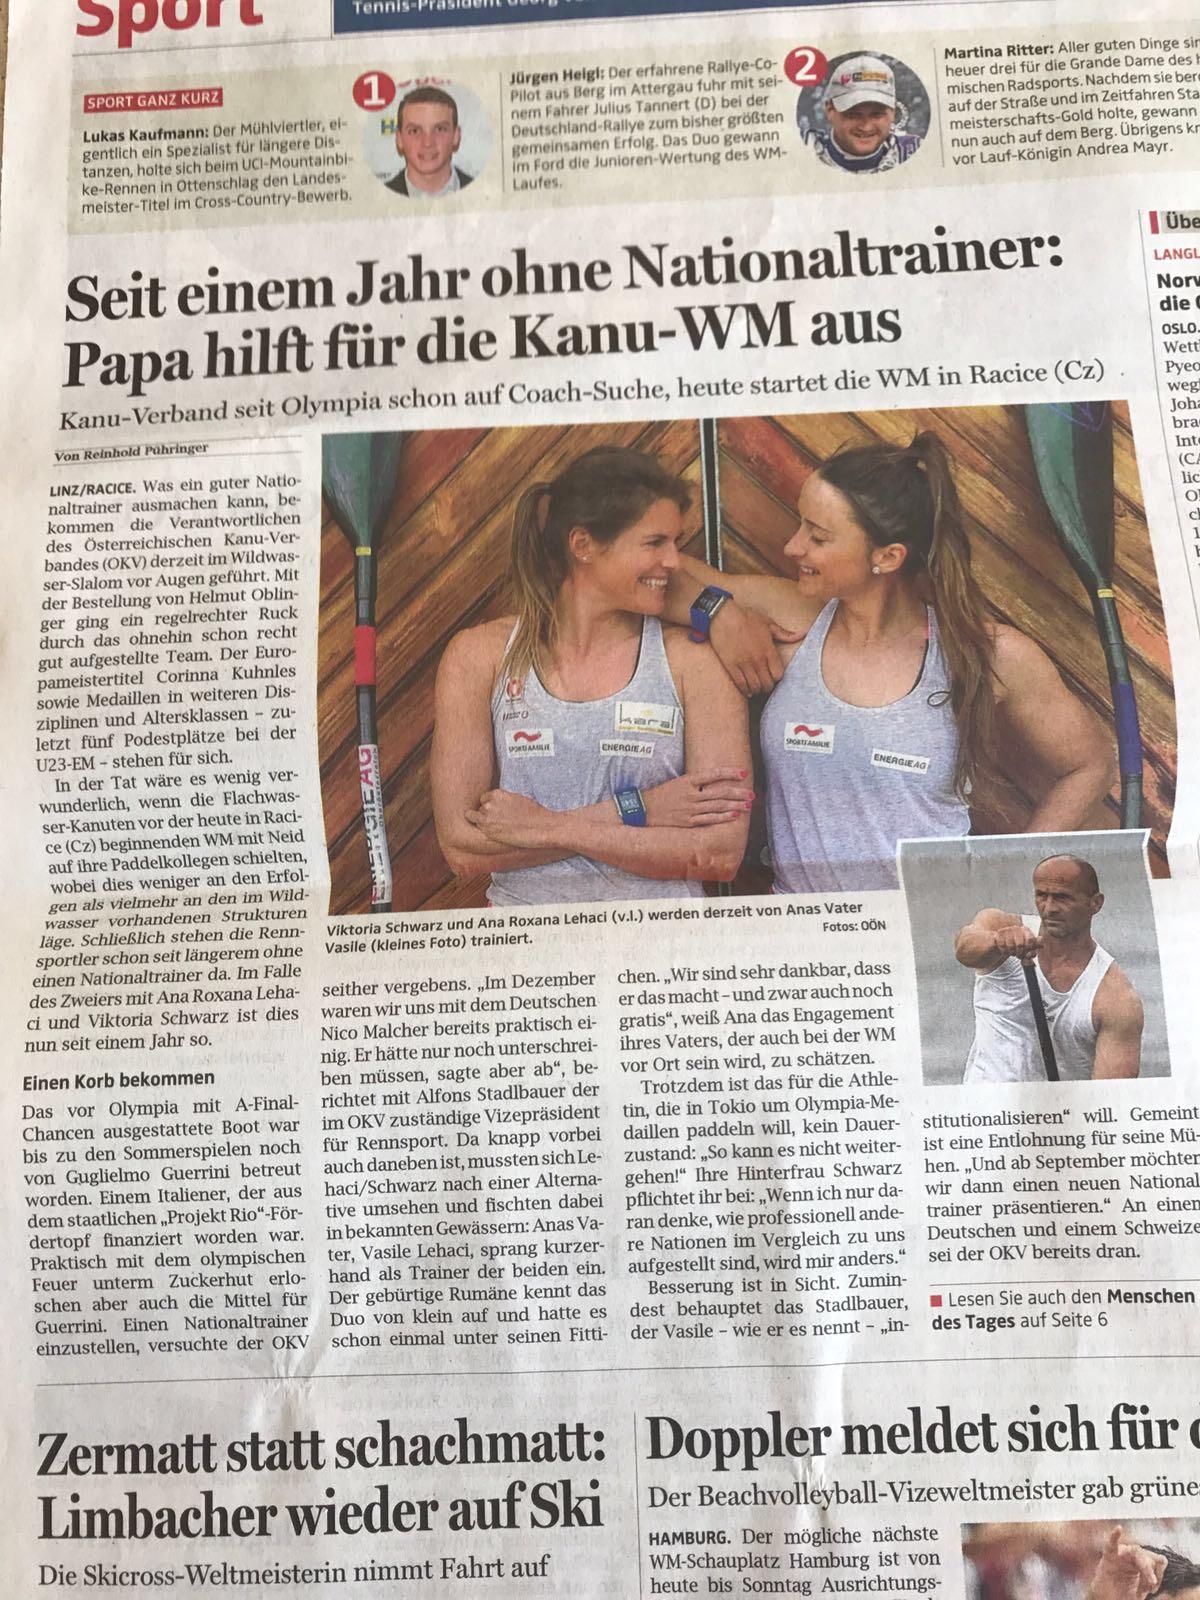 Seit einem Jahr ohne Nationaltrainer: Papa hilft für die Kanu-WM aus